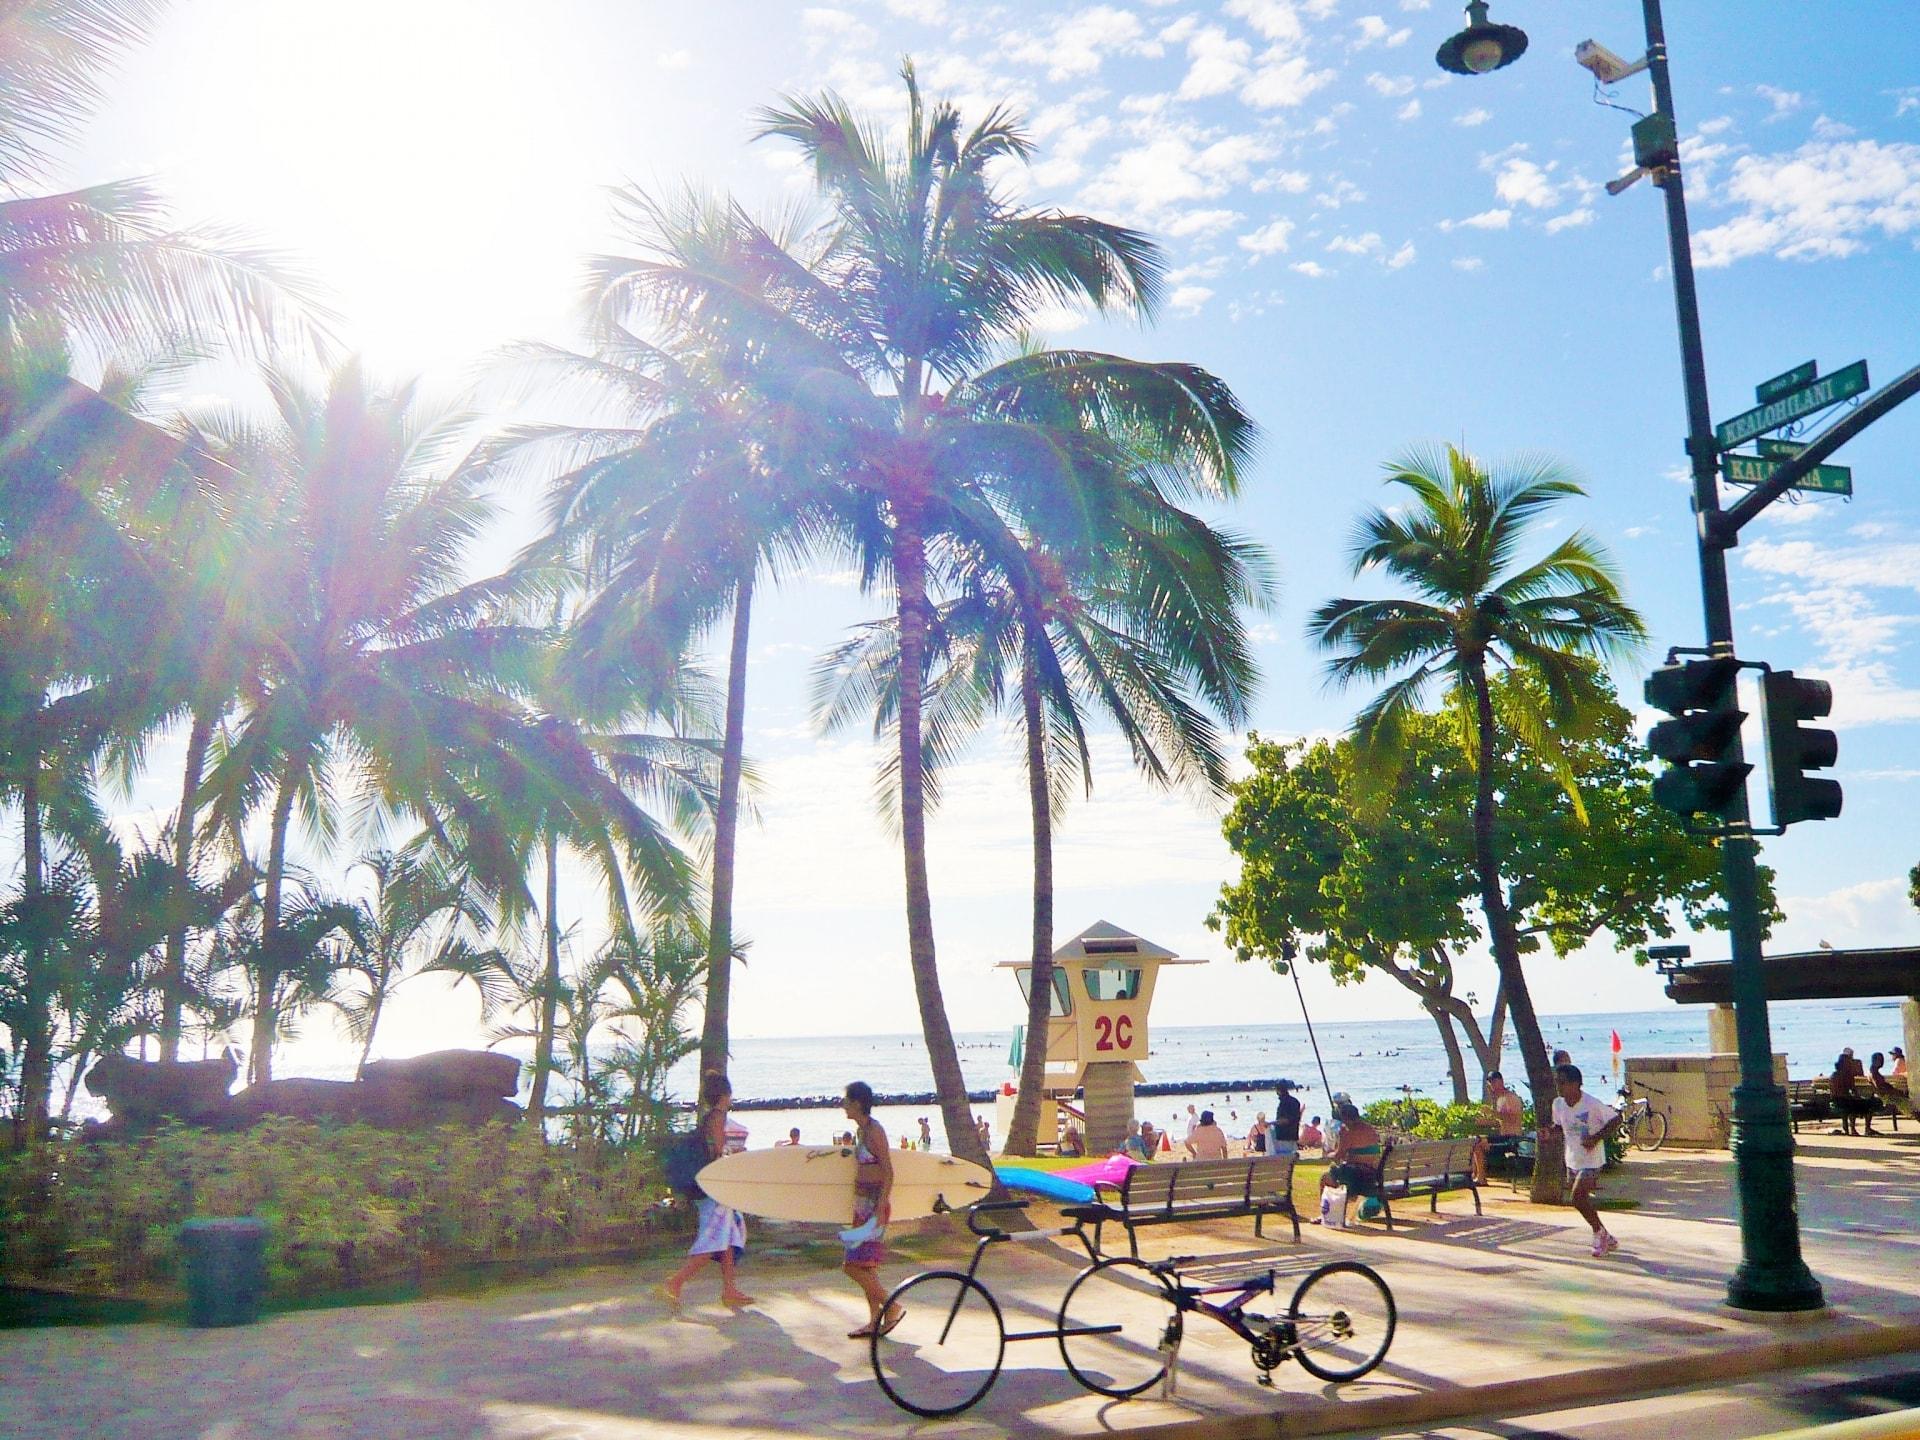 ワイキキビーチウォーク!ハワイのお土産やグルメはここ!人気ショップまとめ!